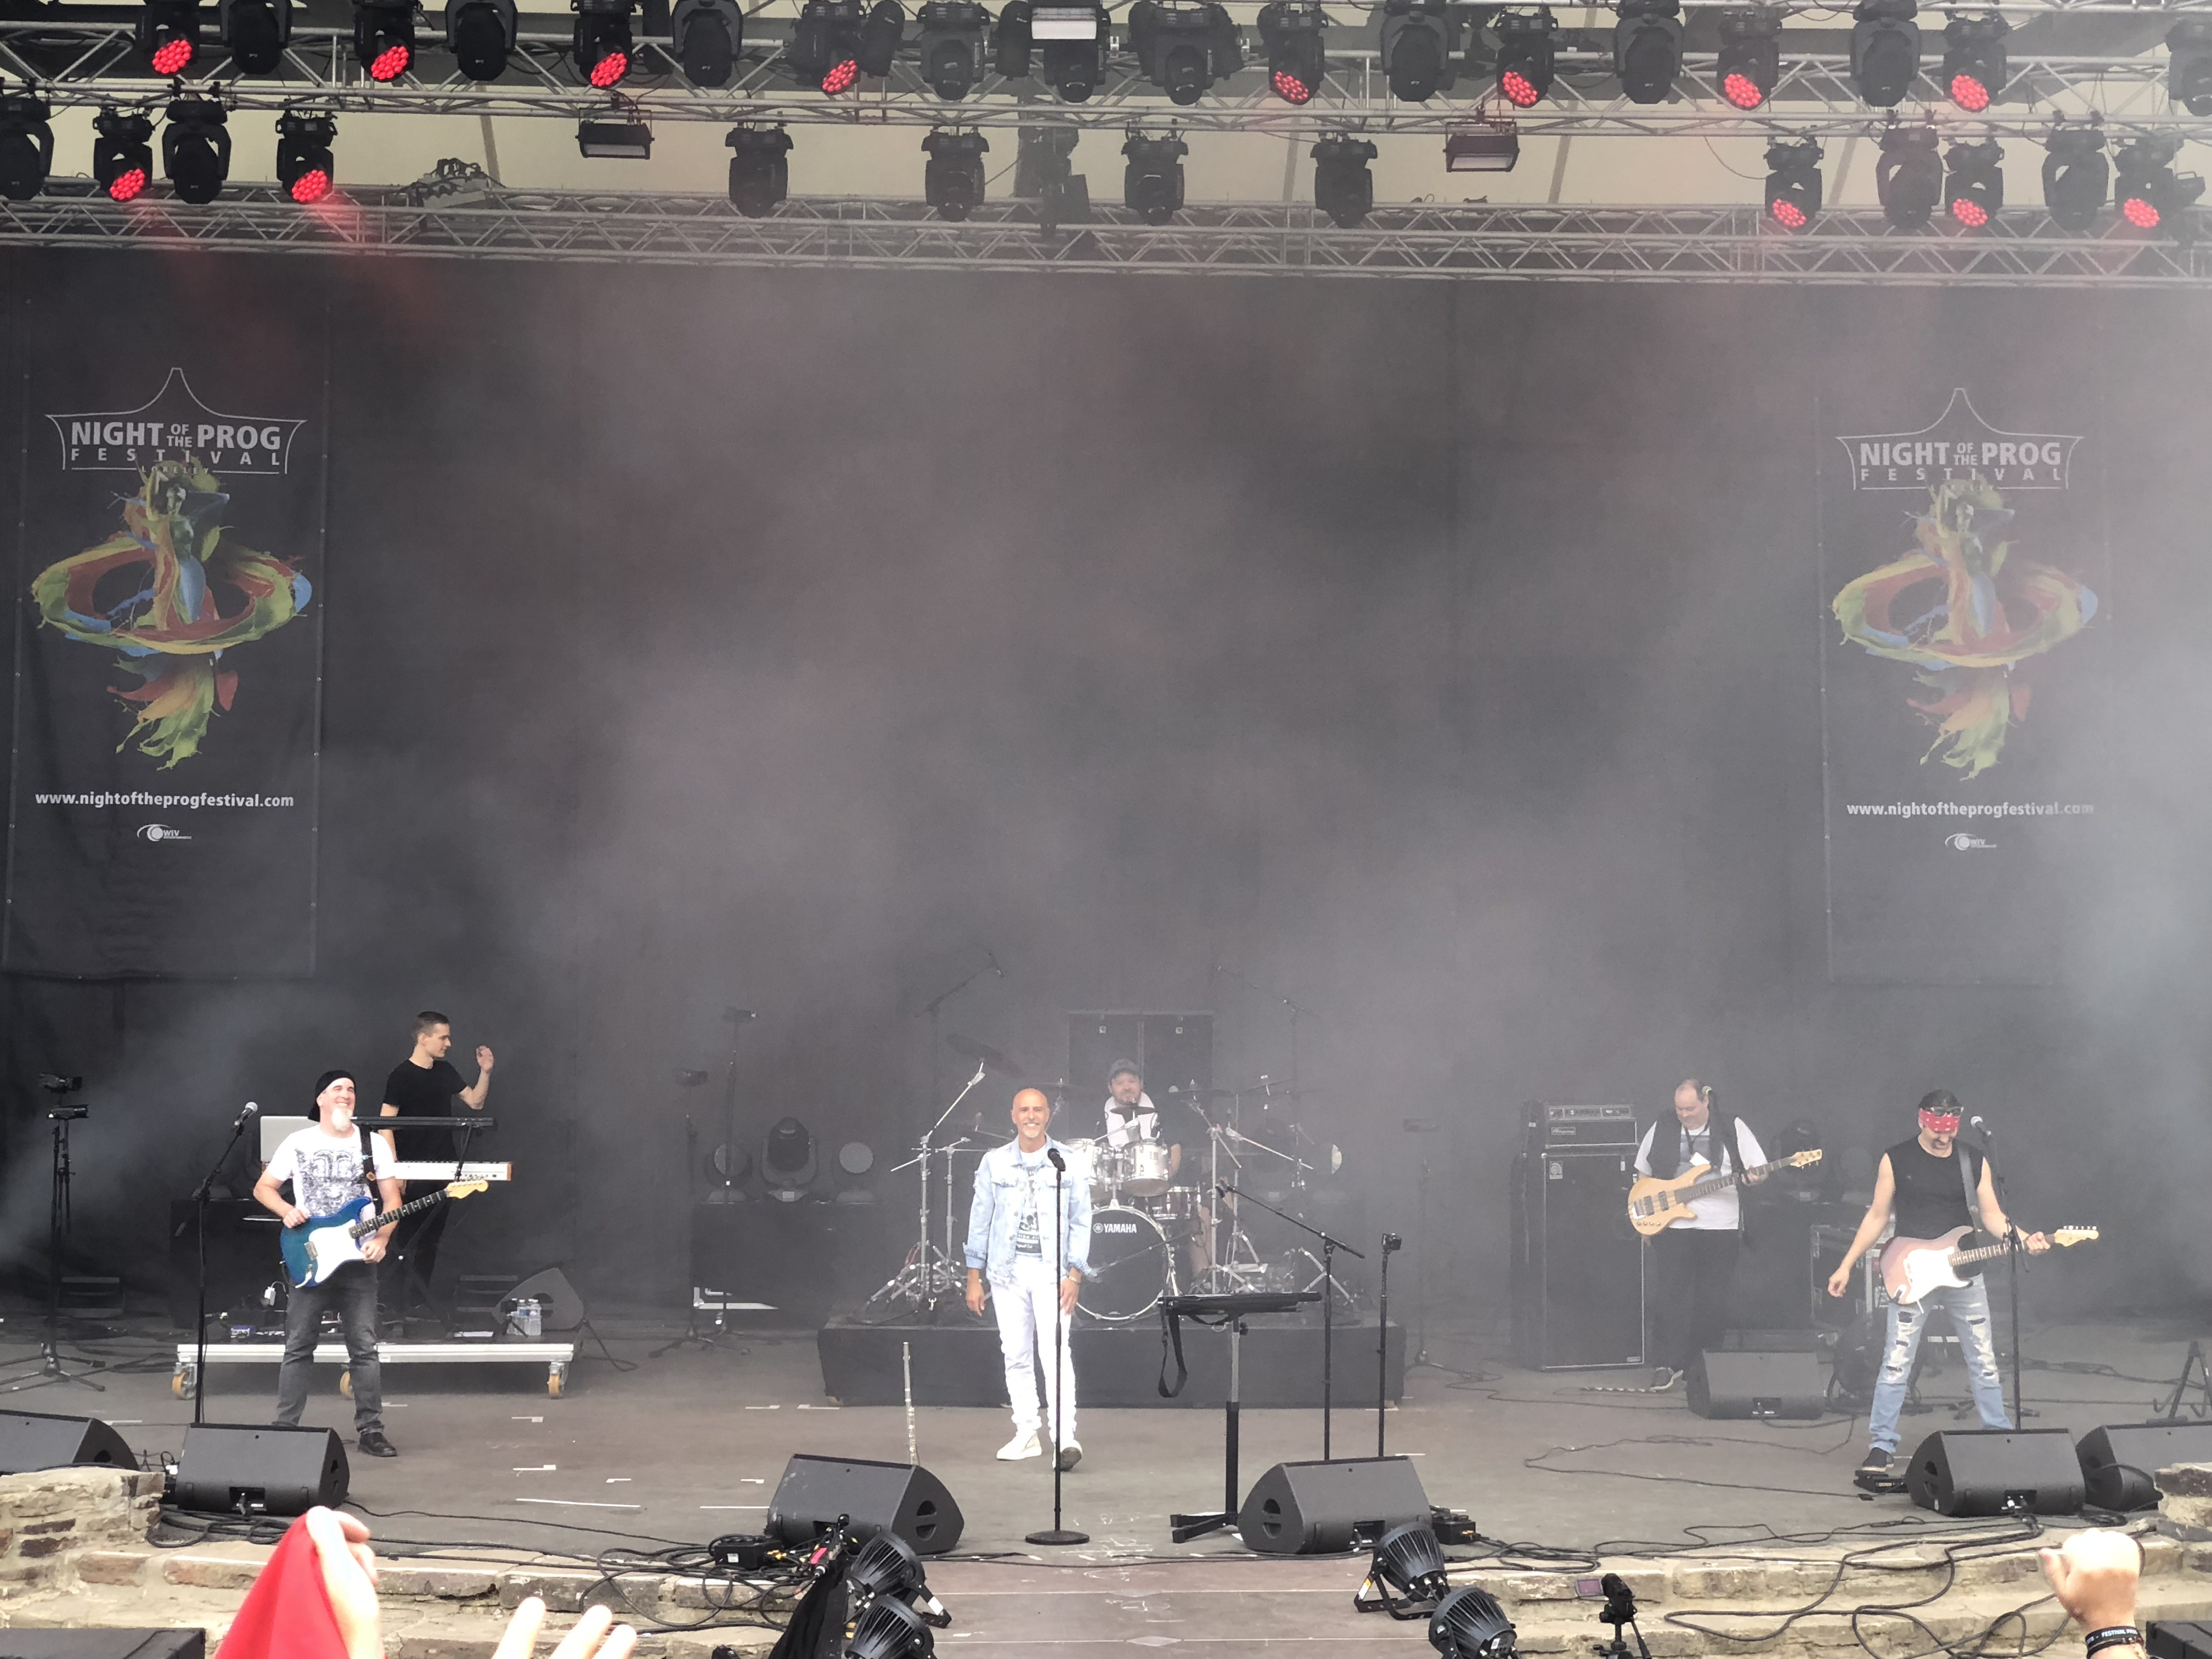 Mystery (band) - Wikipedia